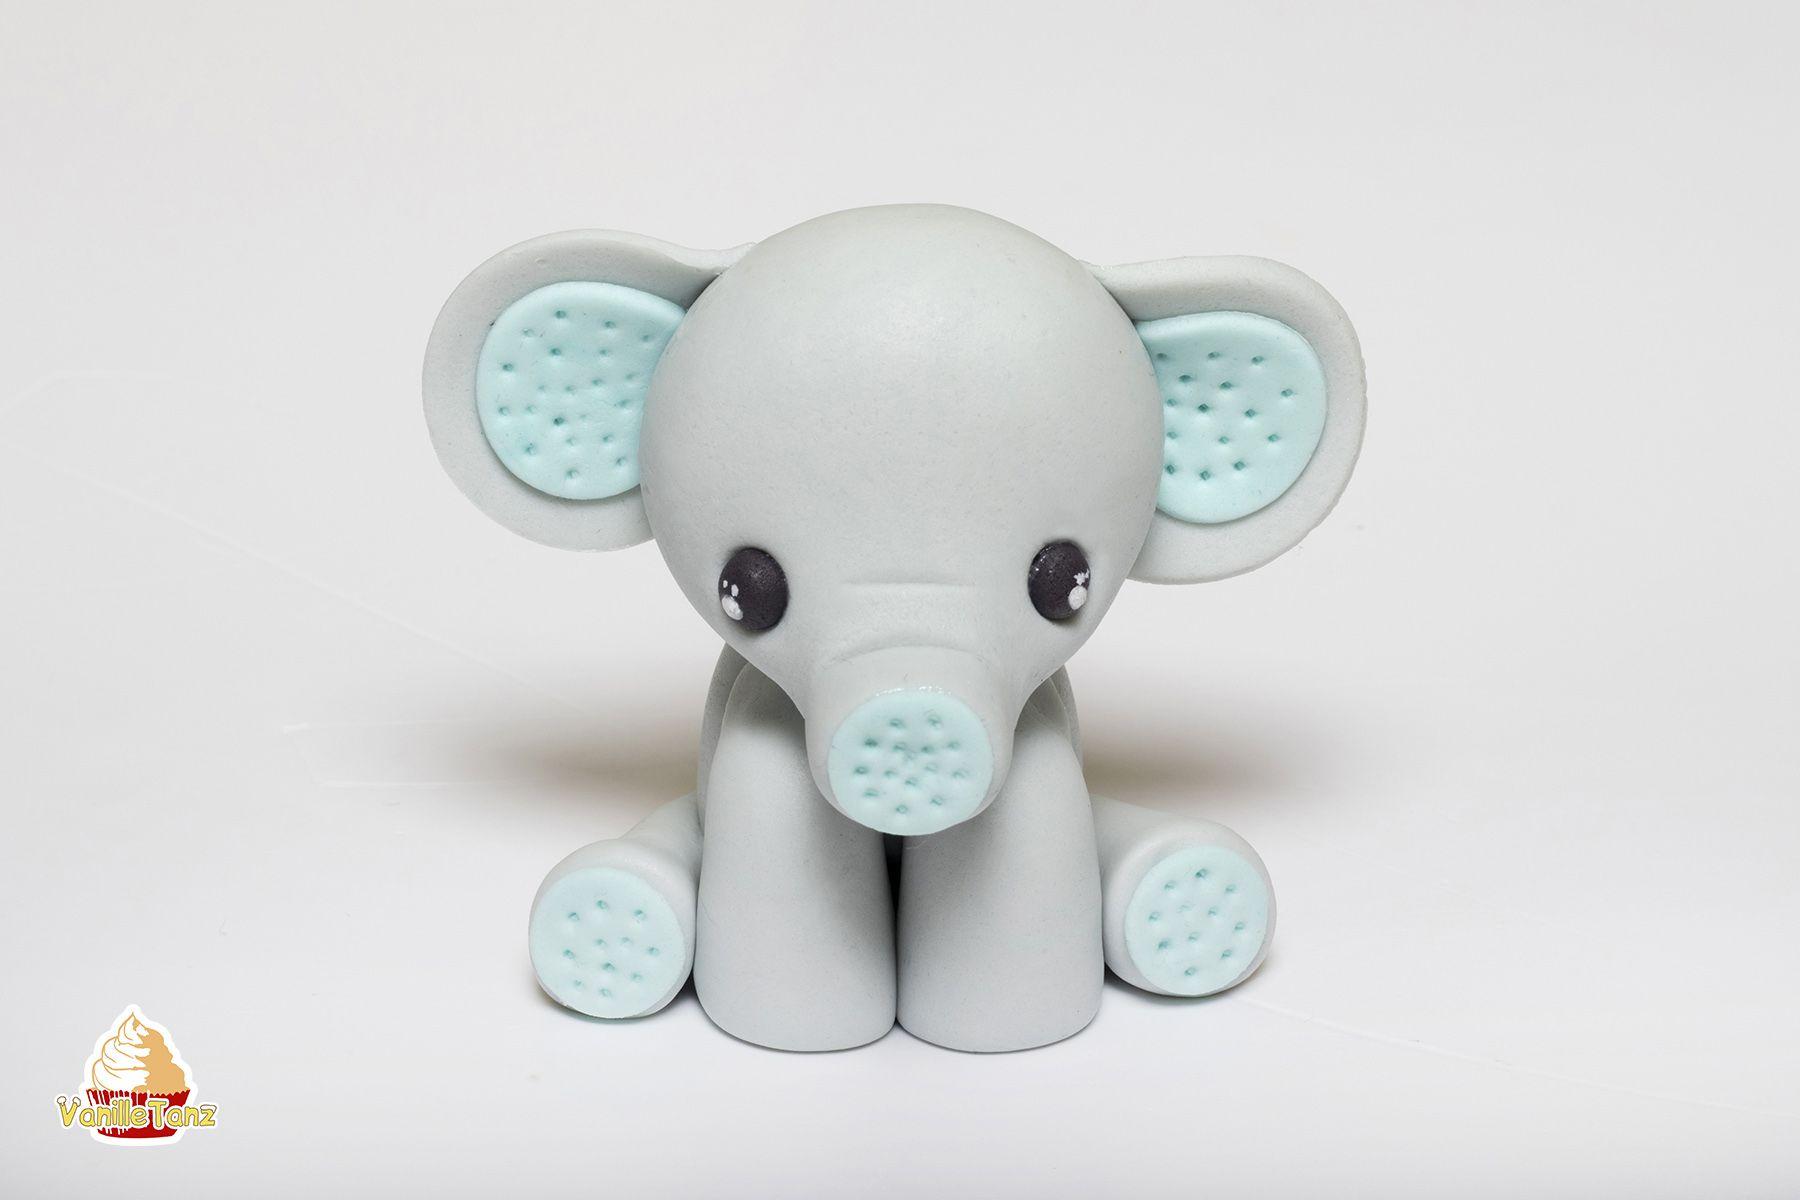 Super Anleitung für einen Elefanten Topper aus Fondant. Kleiner Elefant als Tortendekoration für den Kindergeburtstag ist bei den Kleinen sehr beliebt. #fondant